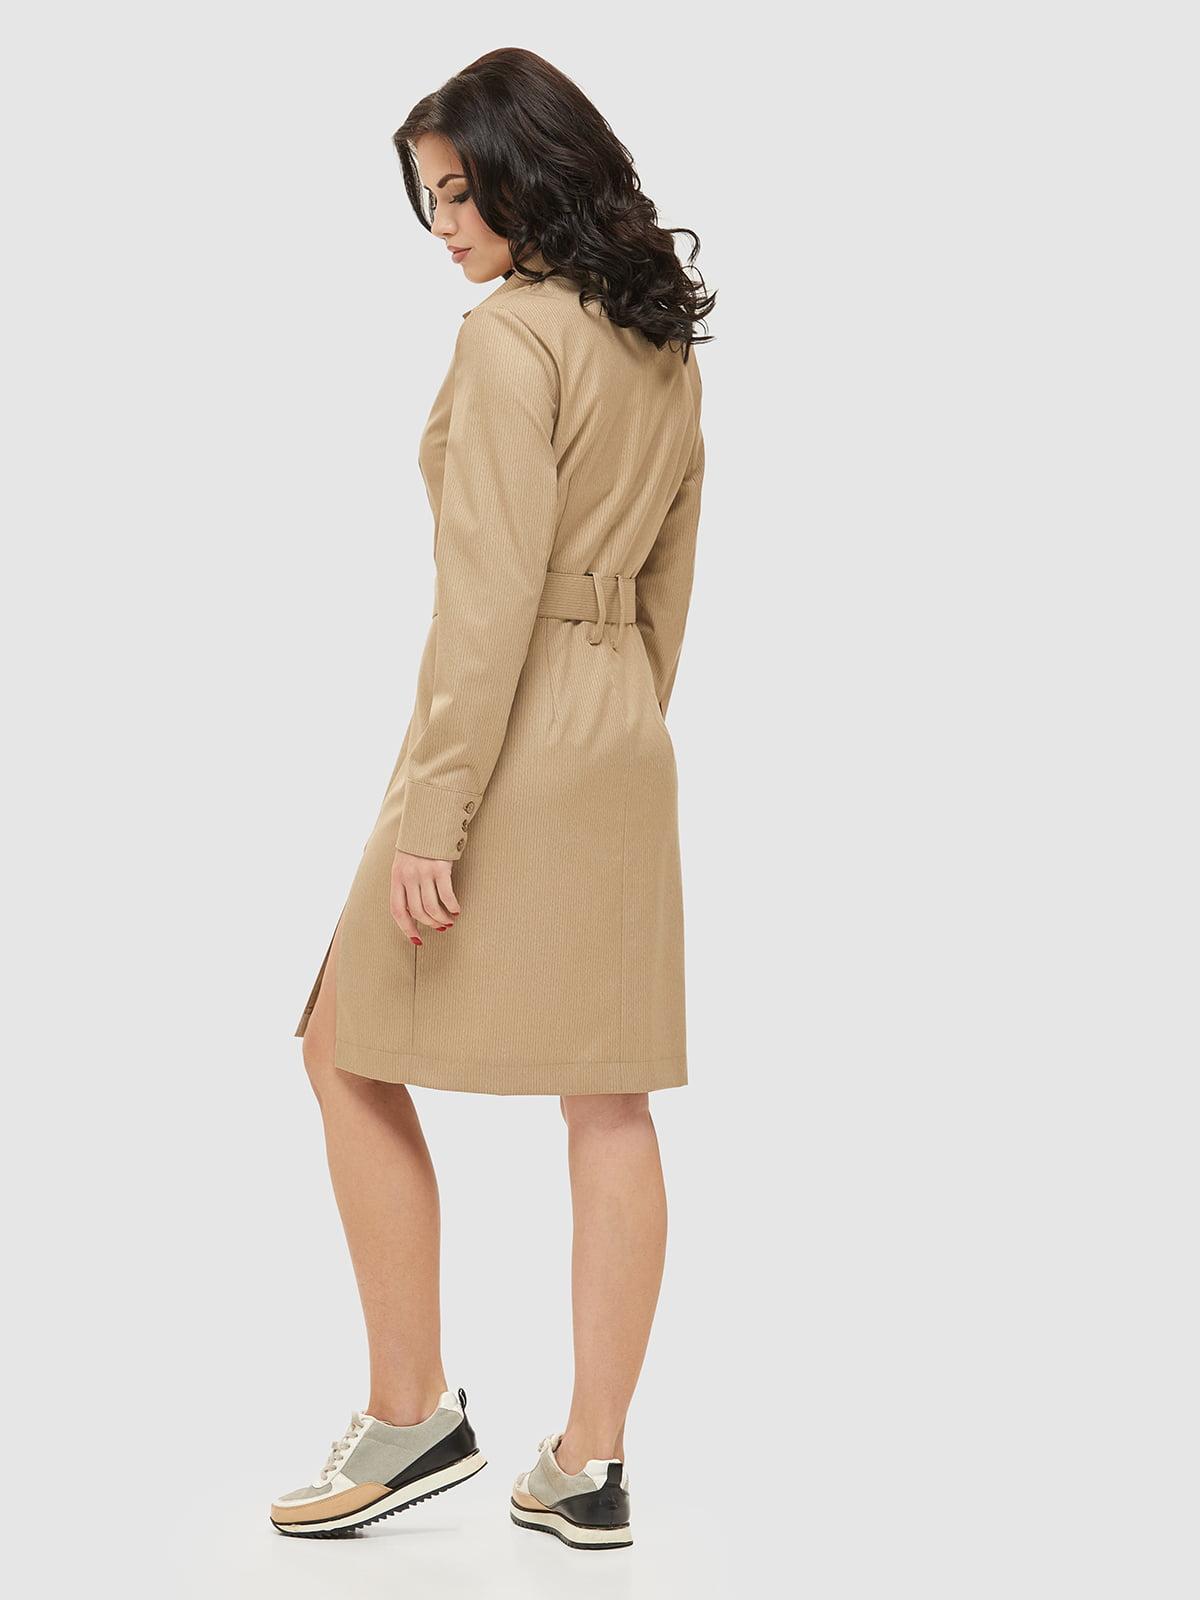 Сукня бежева | 5075481 | фото 2